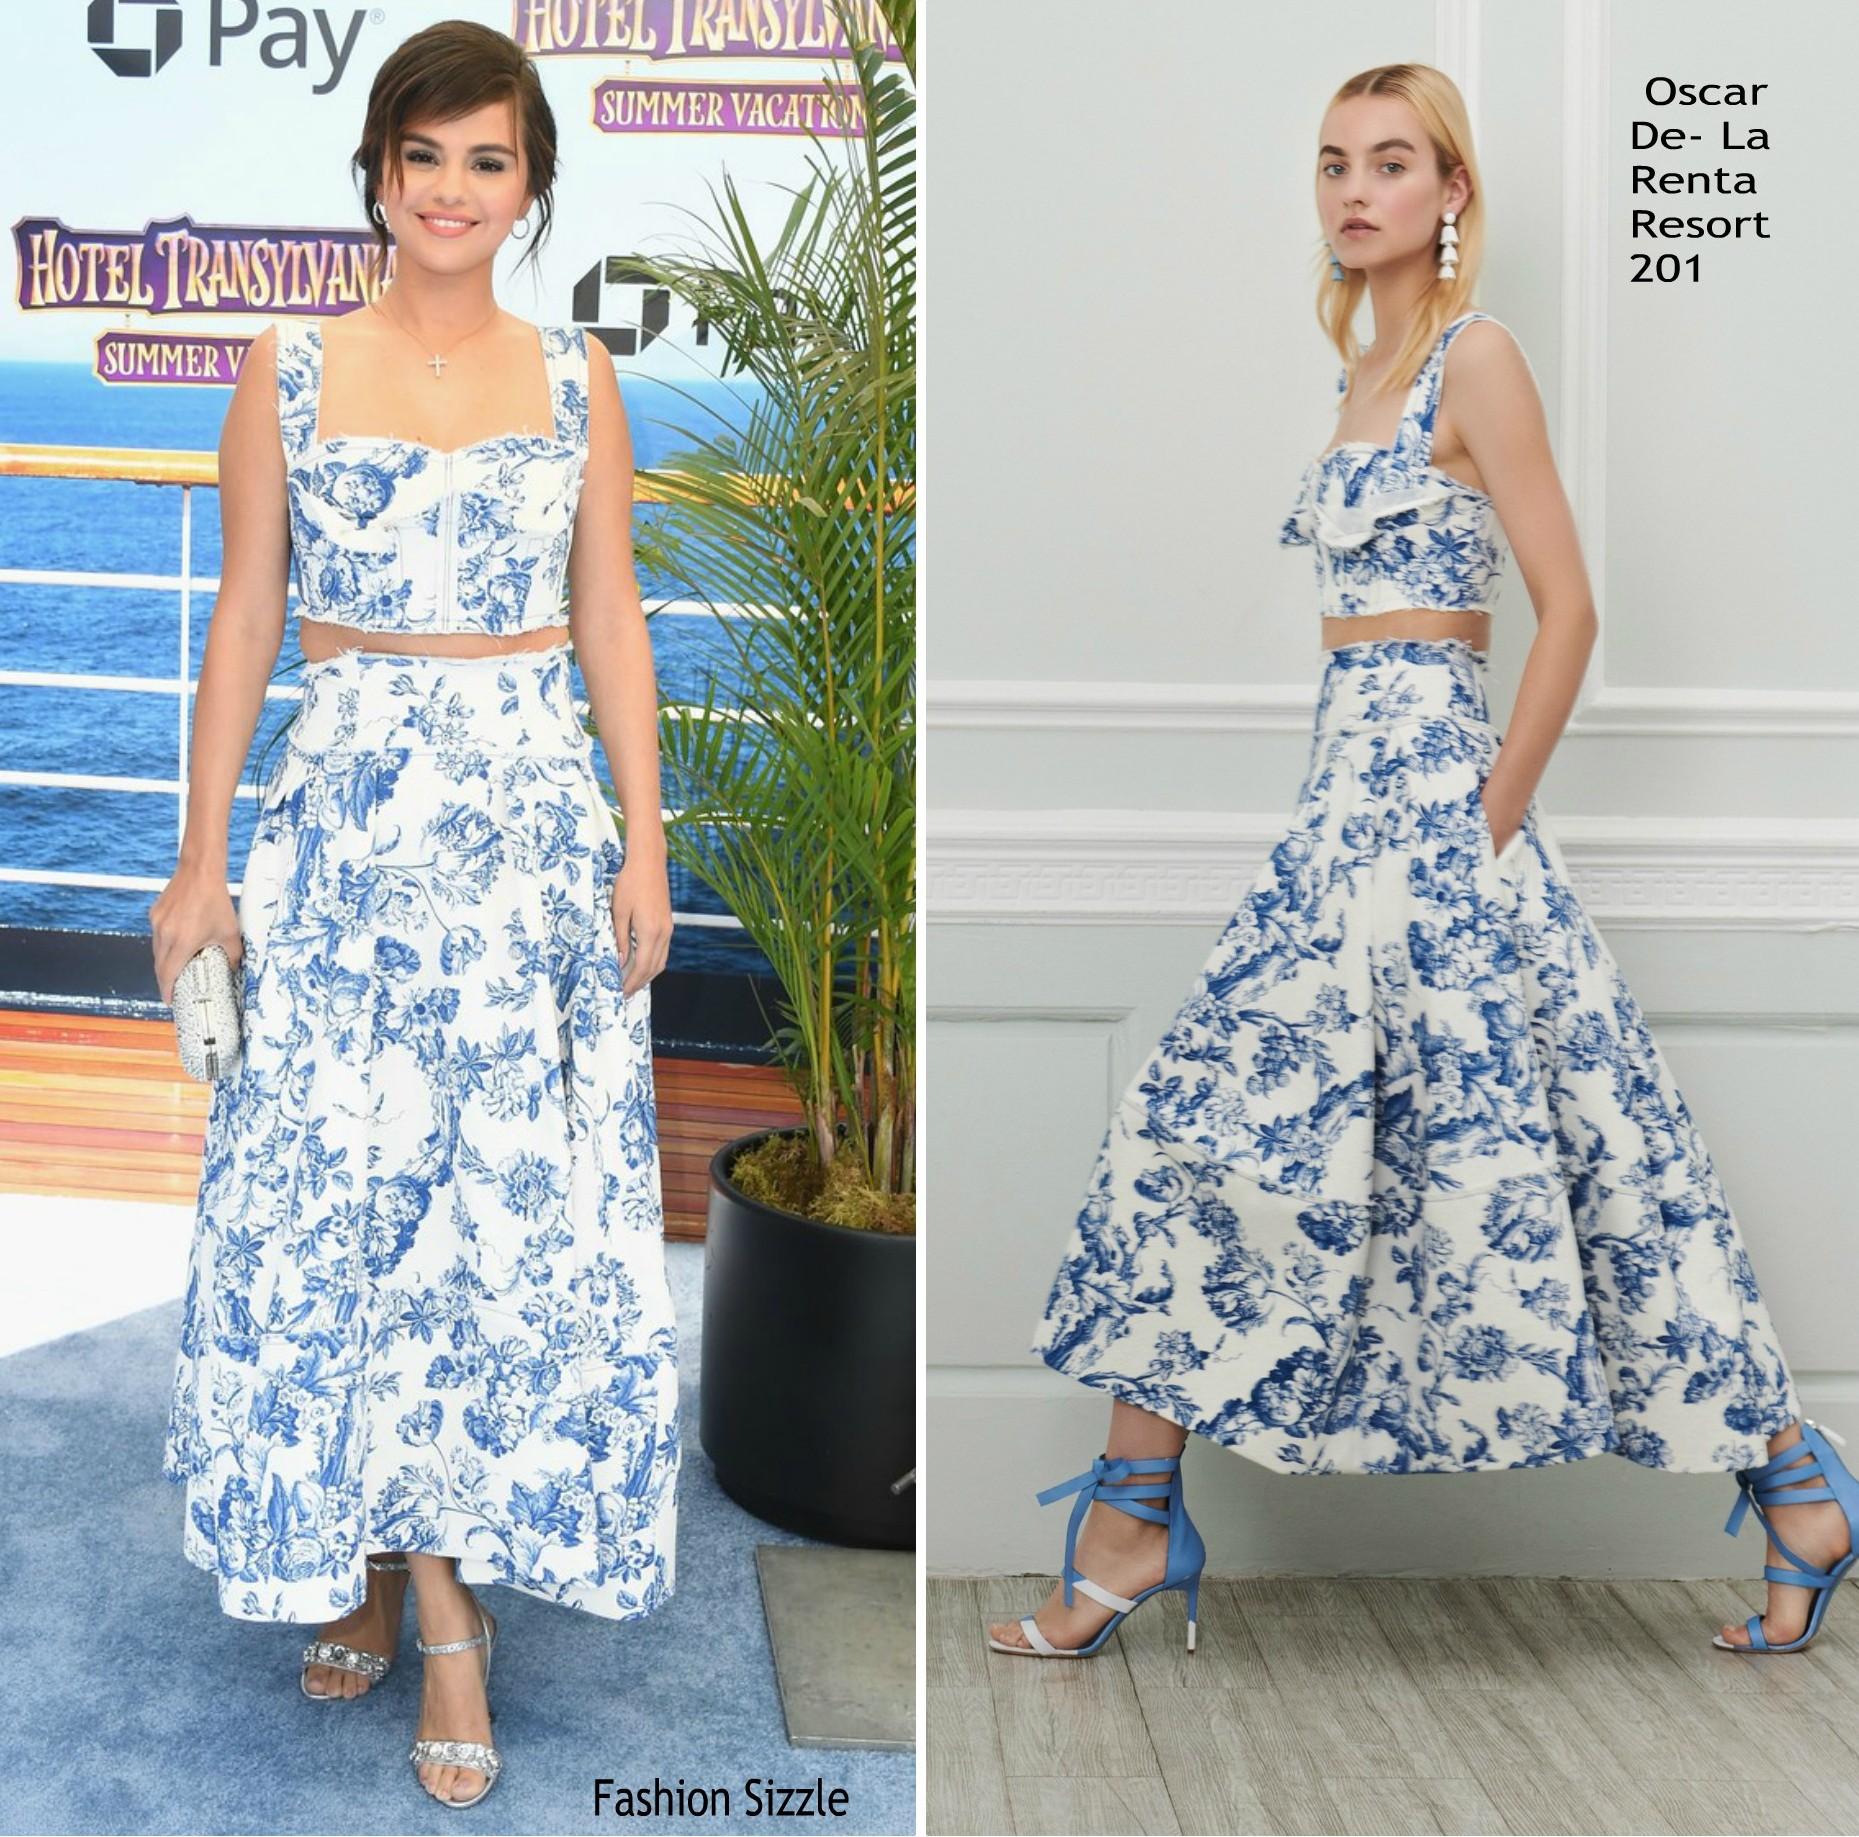 Mang cùng một kiểu họa tiết hoa nhưng chiếc váy của Công nương Meghan Markle lại đắt gấp đôi của Selena Gomez - Ảnh 5.